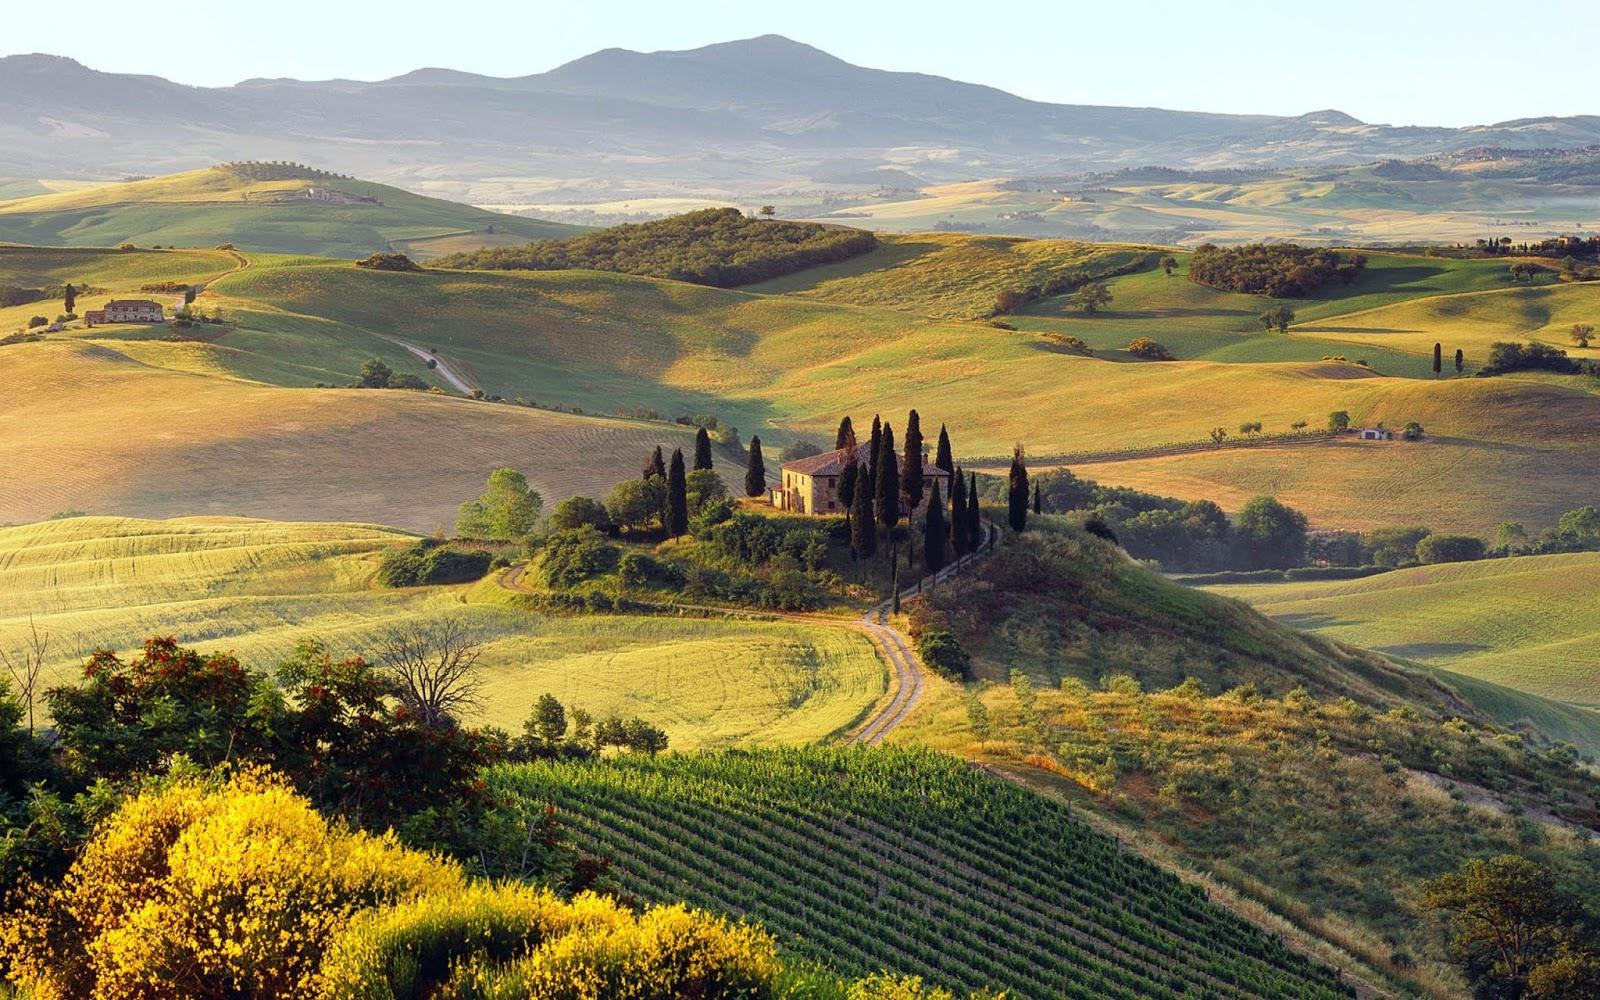 Vùng đất đẹp như tranh vẽ Tuscany